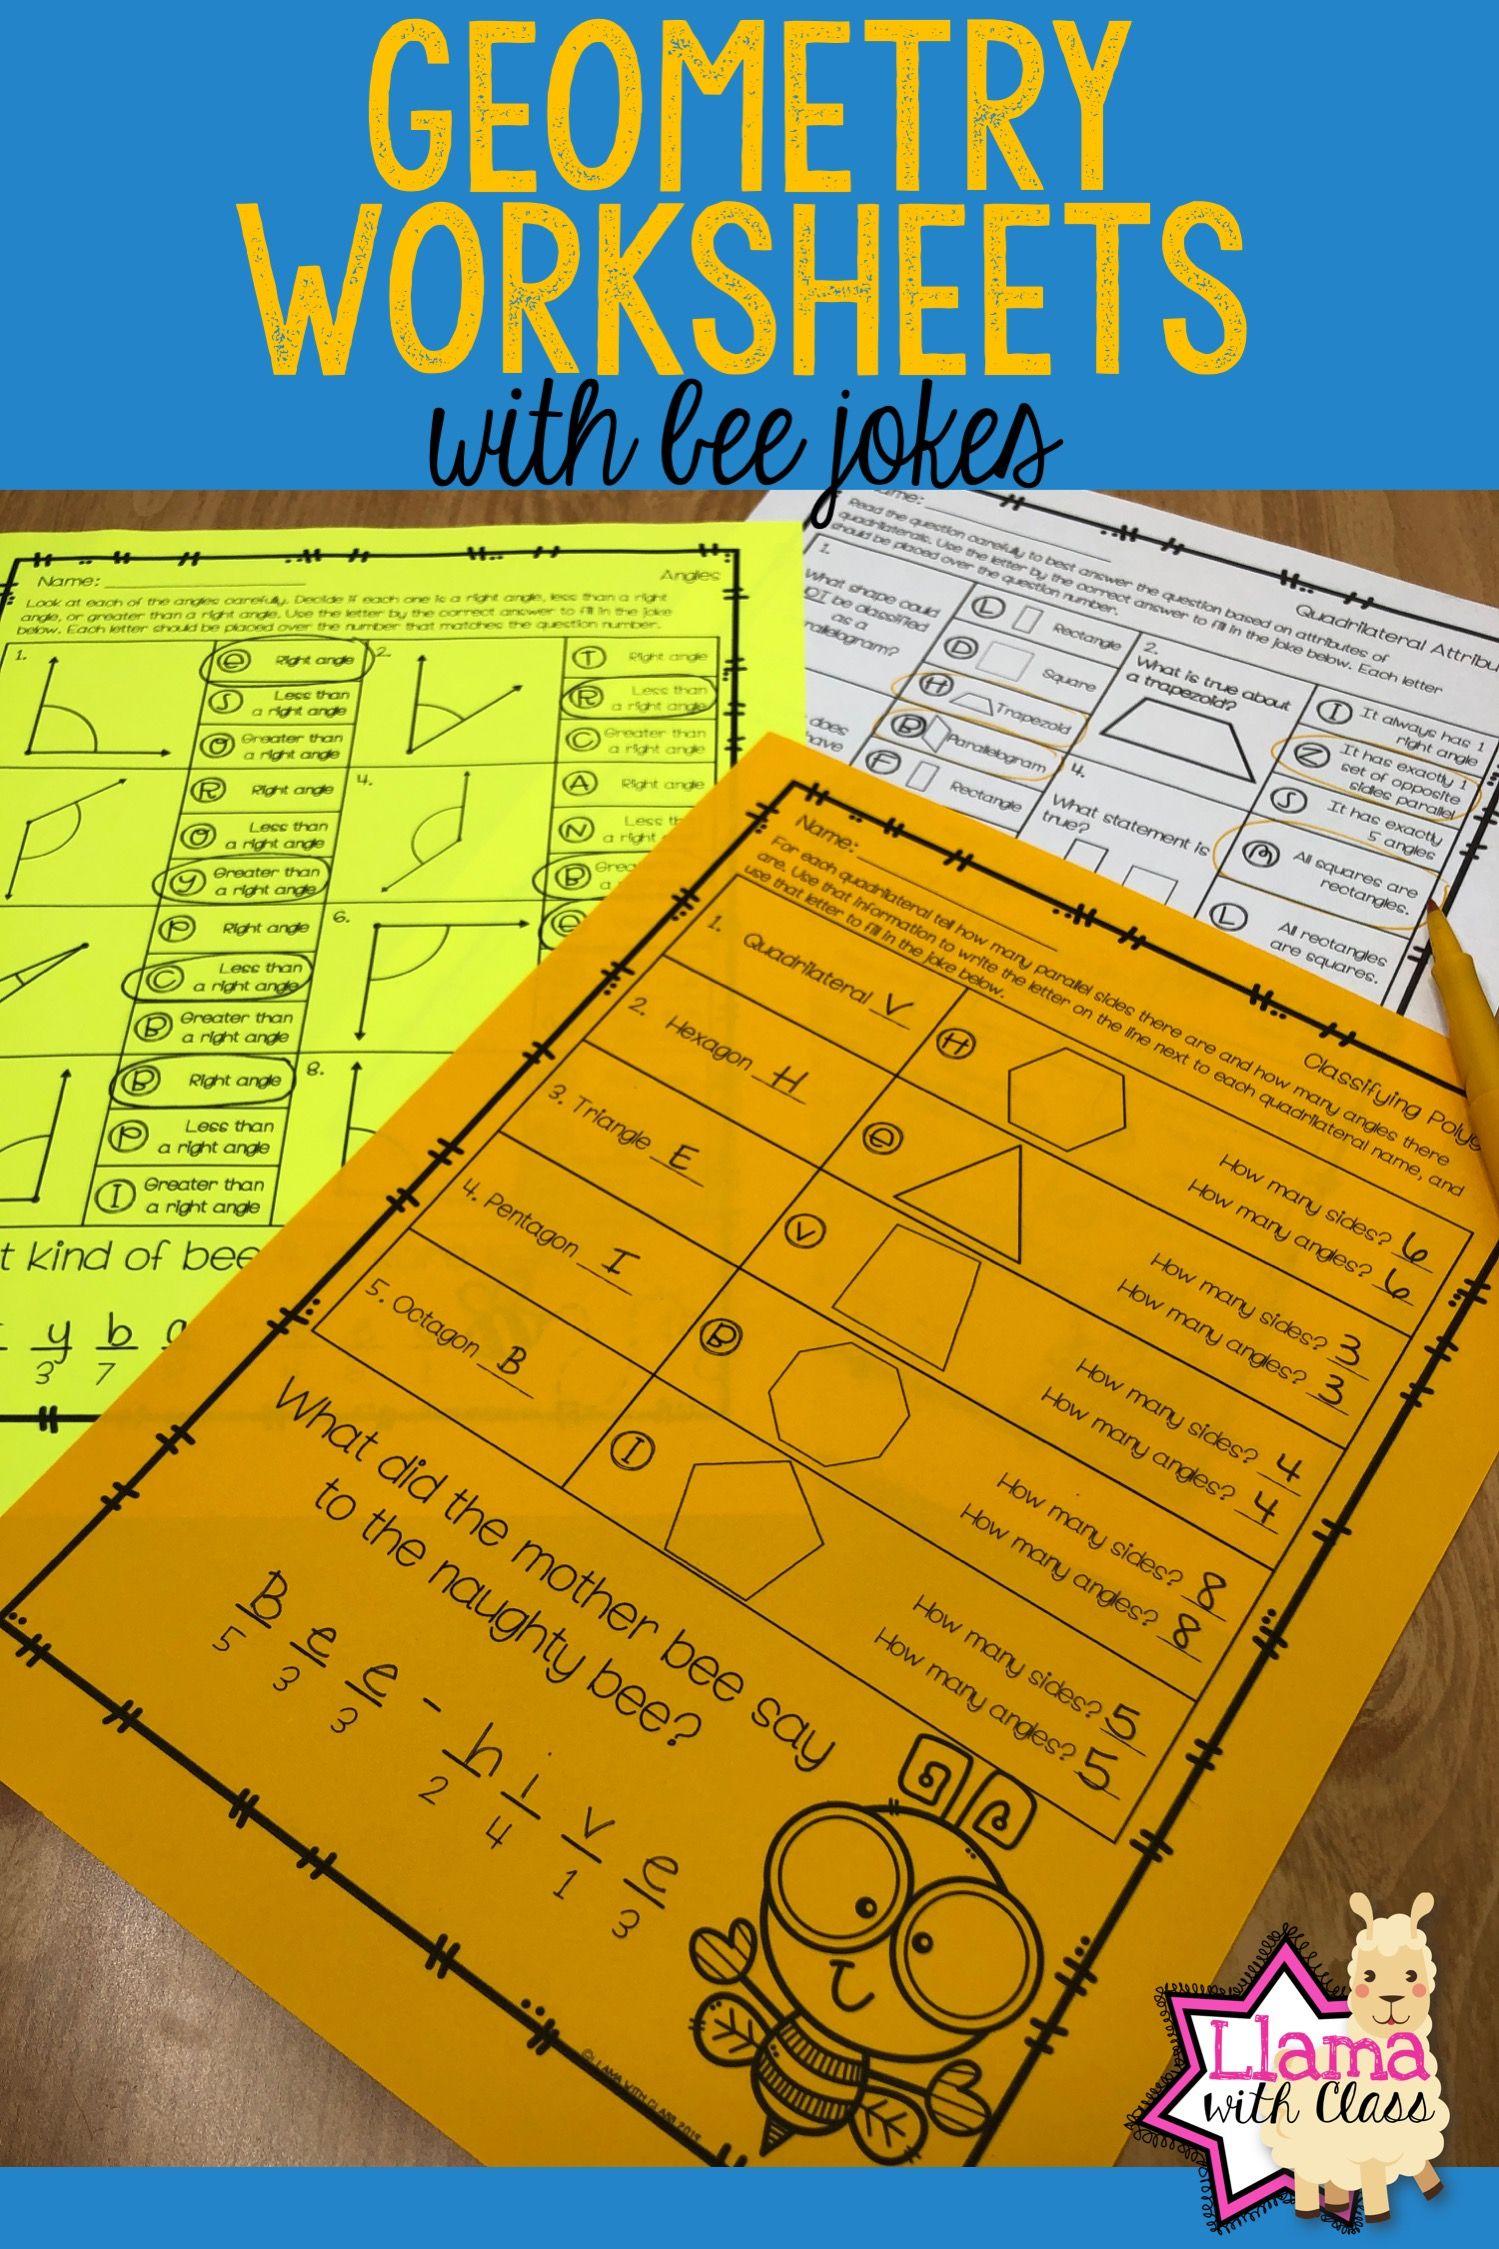 Geometry Worksheets With Bee Jokes